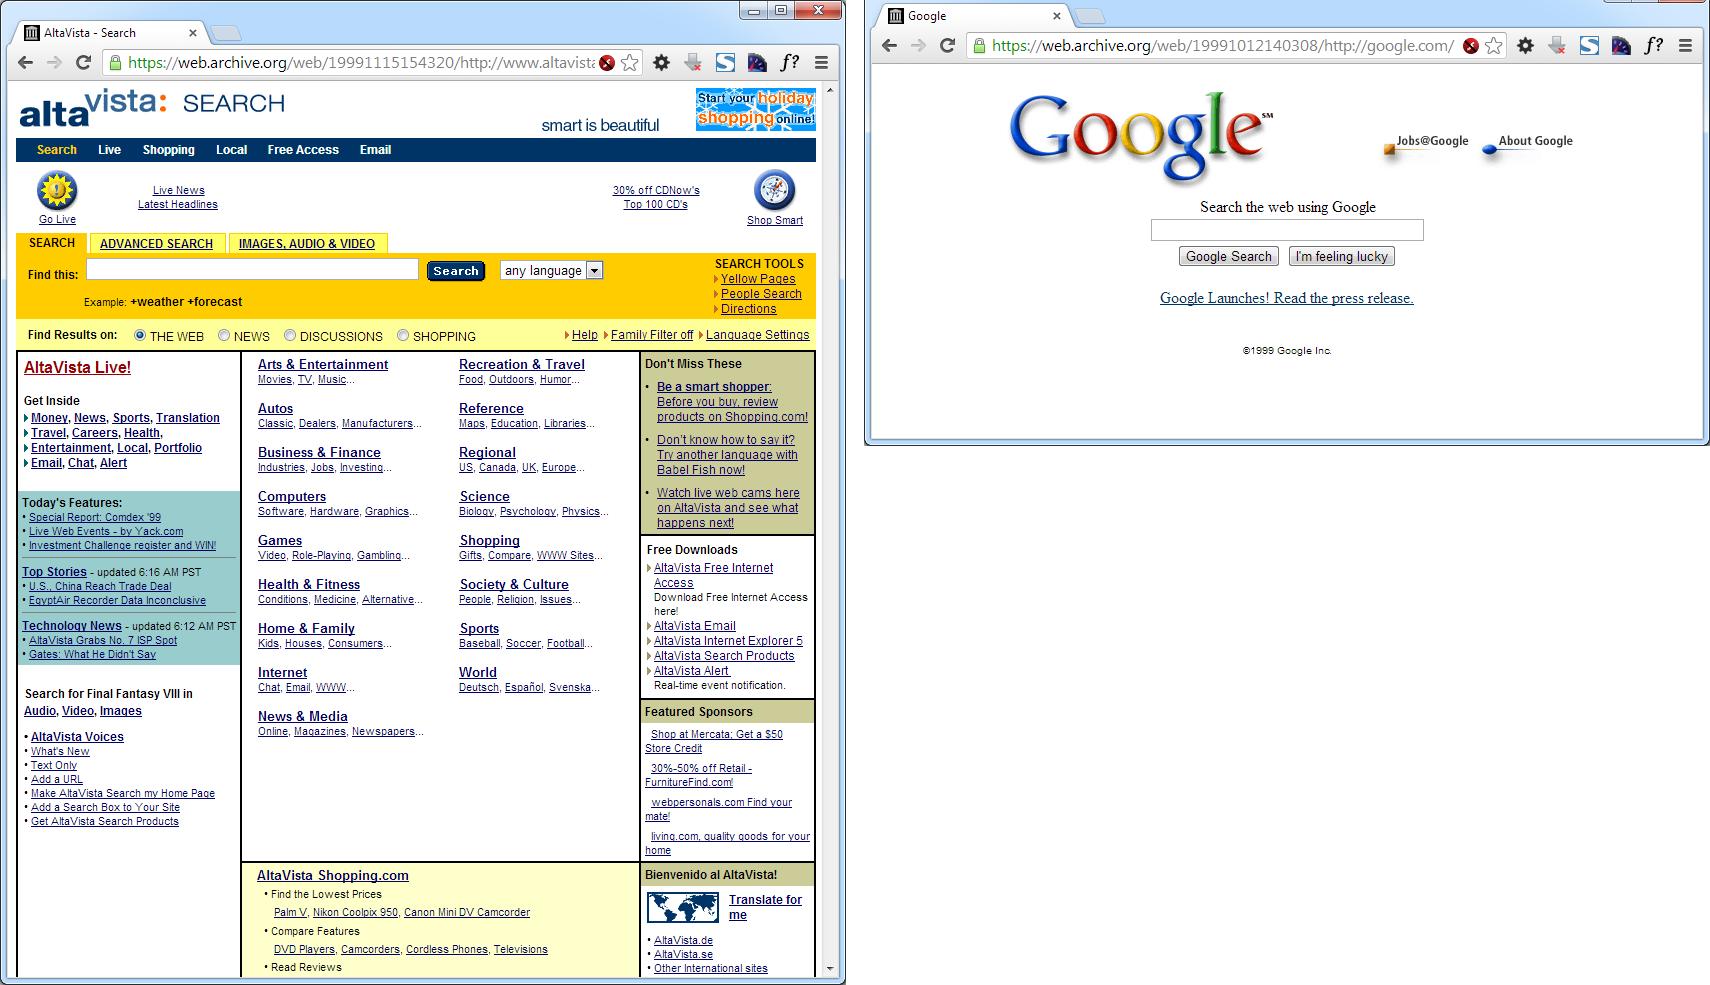 Abbildung 2: AltaVista und Google 1999 (Quelle: archive.org)